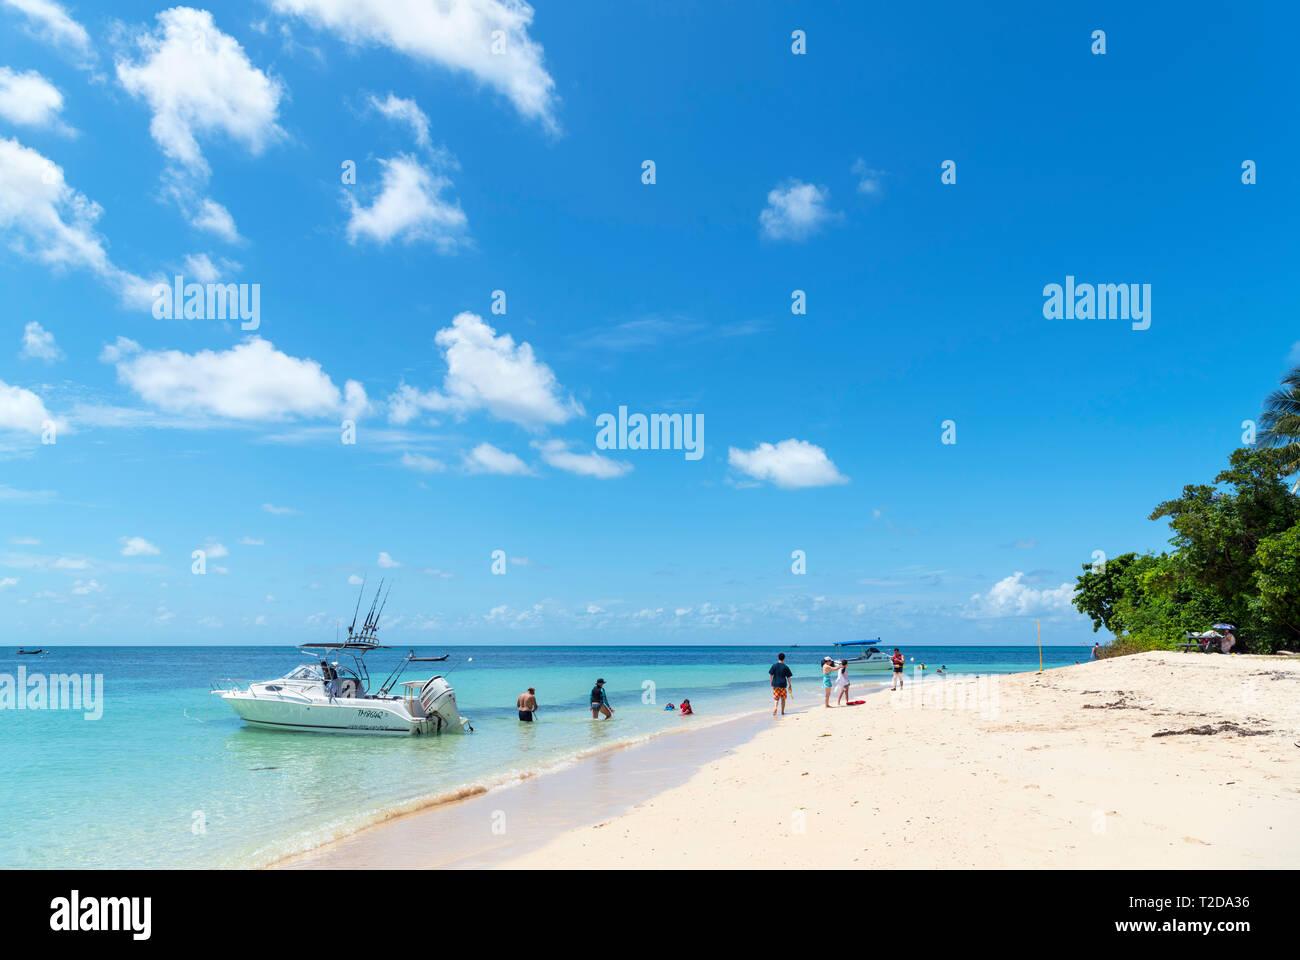 La Gran Barrera de Coral de Australia. Playa de Isla Verde, un coral cay en el Parque Marino de la Gran Barrera de Coral, Queensland, Australia Foto de stock